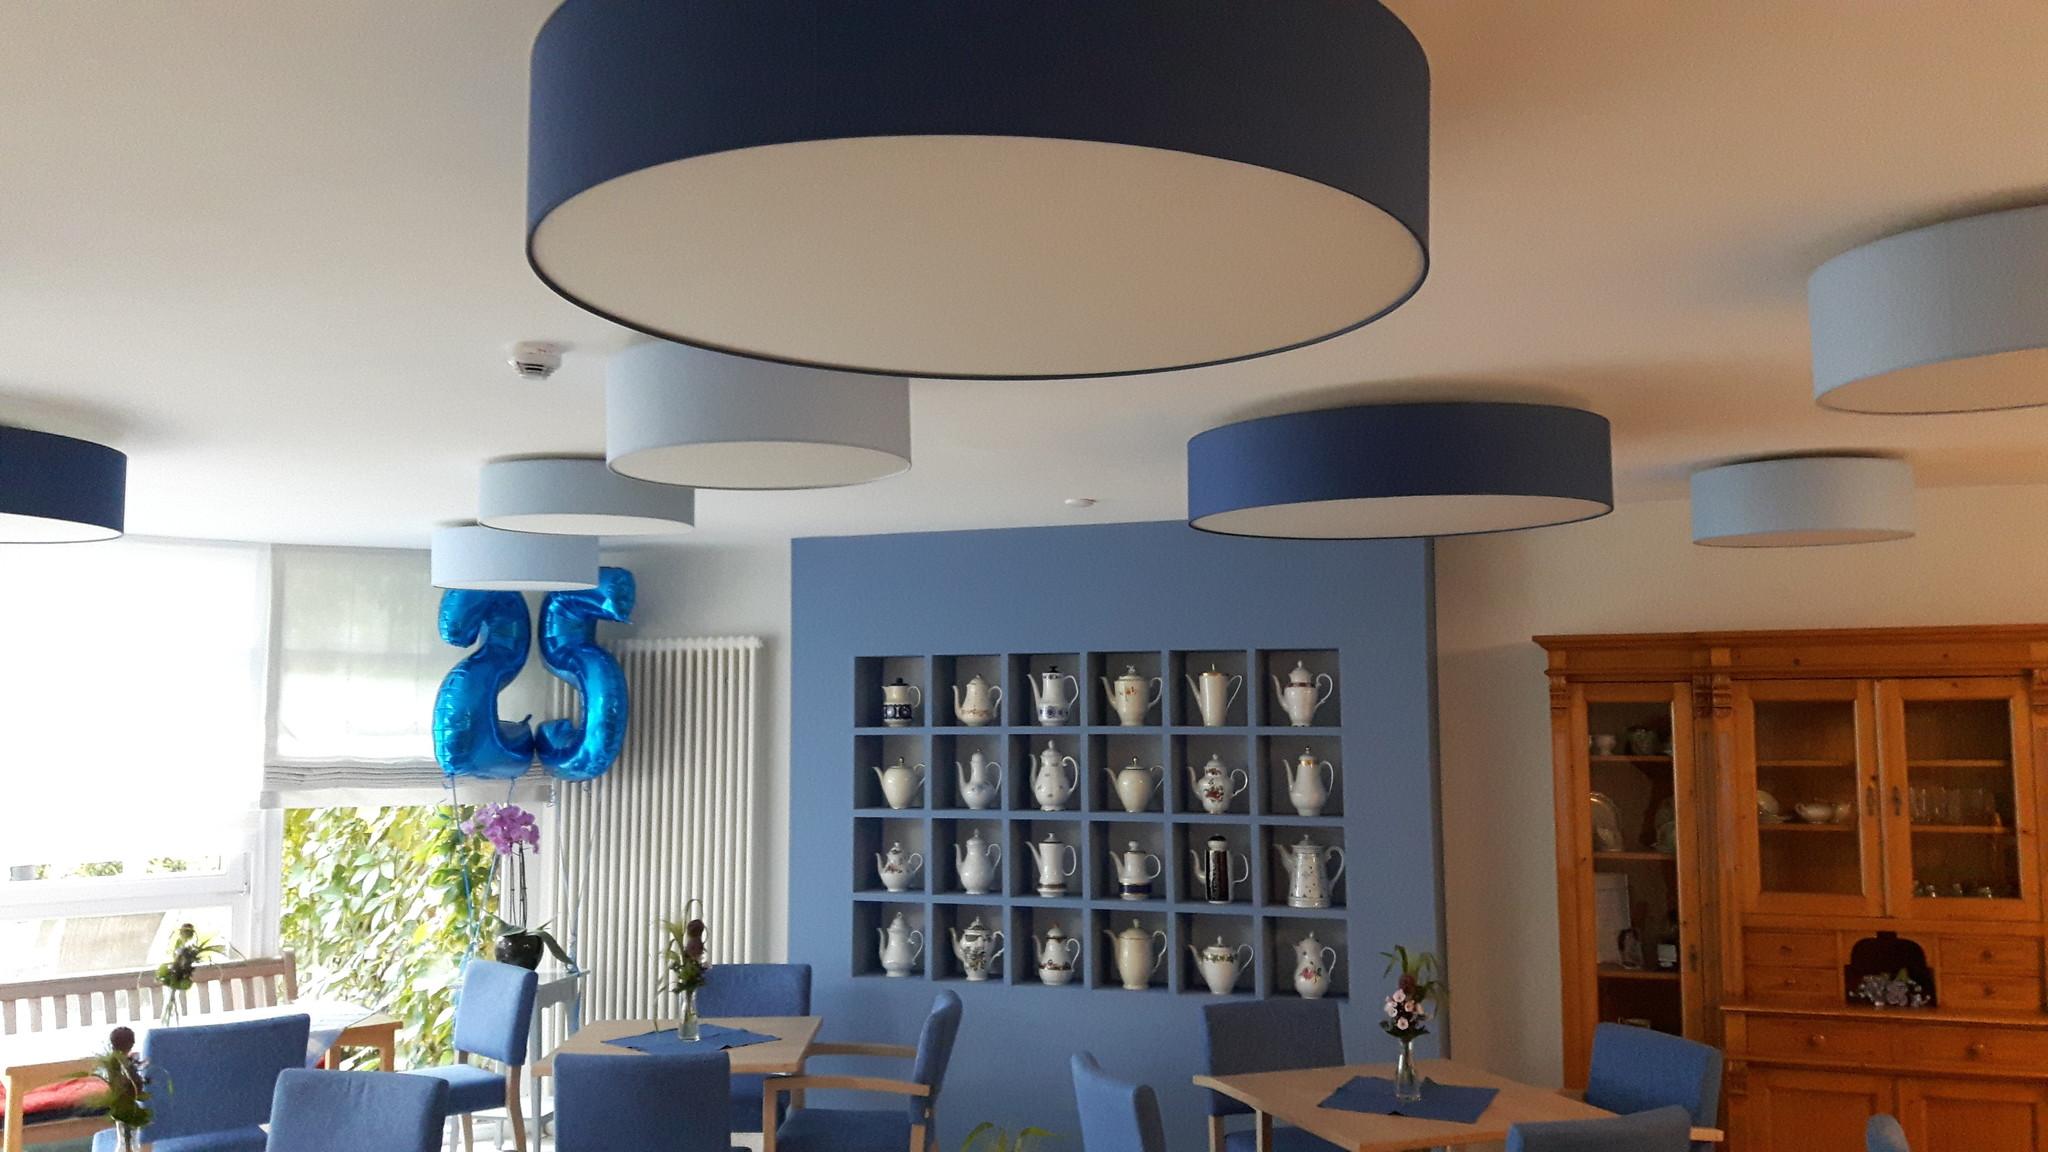 Seniorenheim Deckenleuchten mit Dalen Design Schirmen Klara-Röhrscheidt-Haus Café